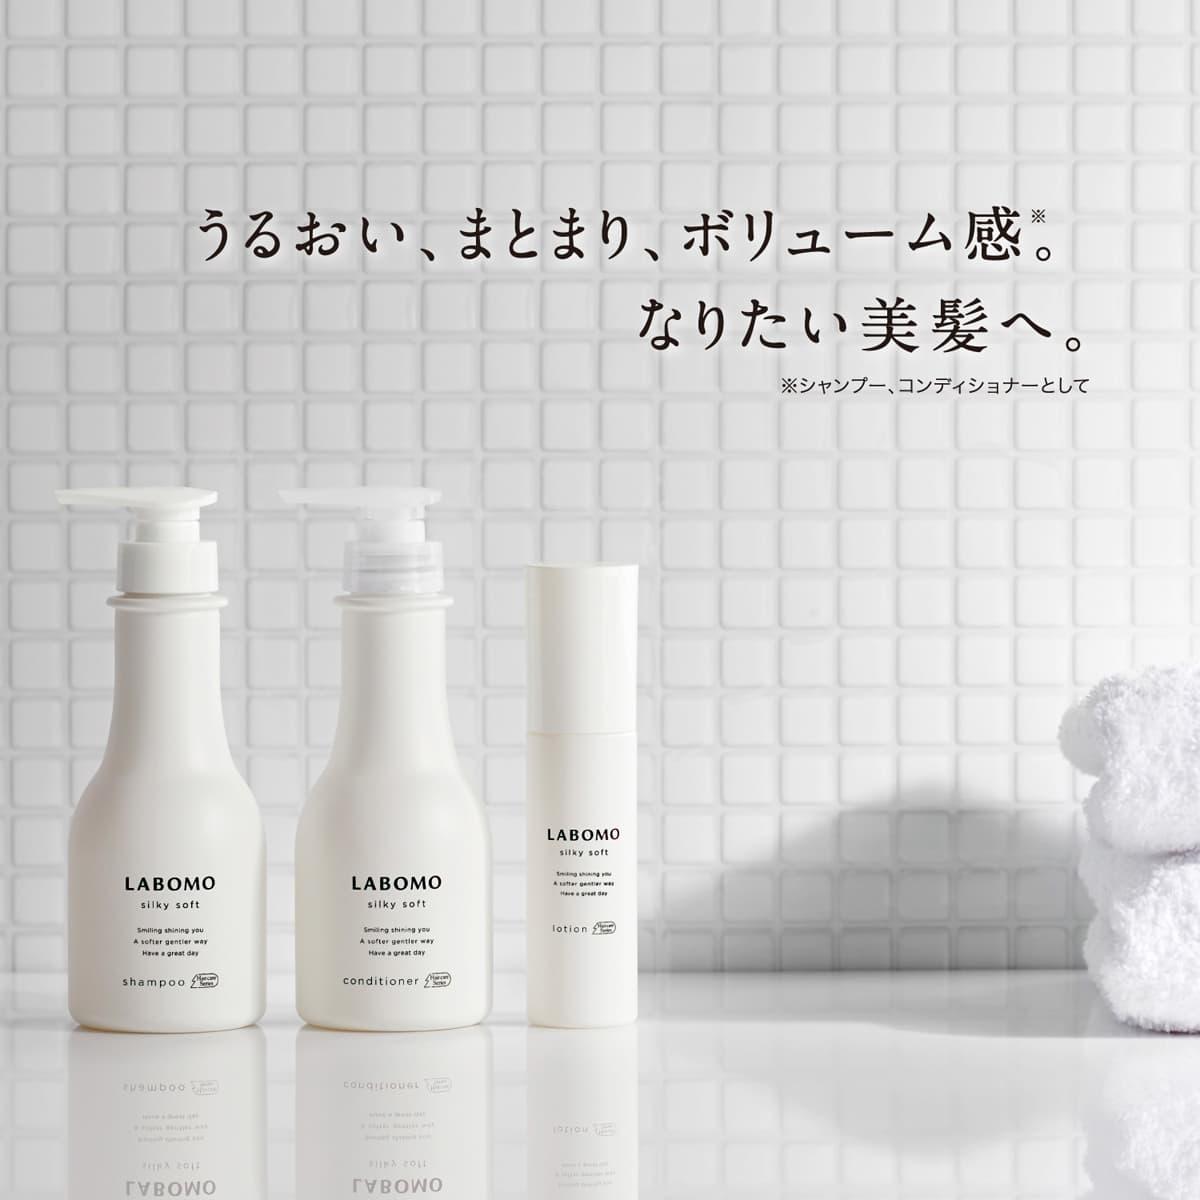 ラボモ シルキーソフト シャンプー&アートラッシュセラム リッチ(まつ毛用美容液)